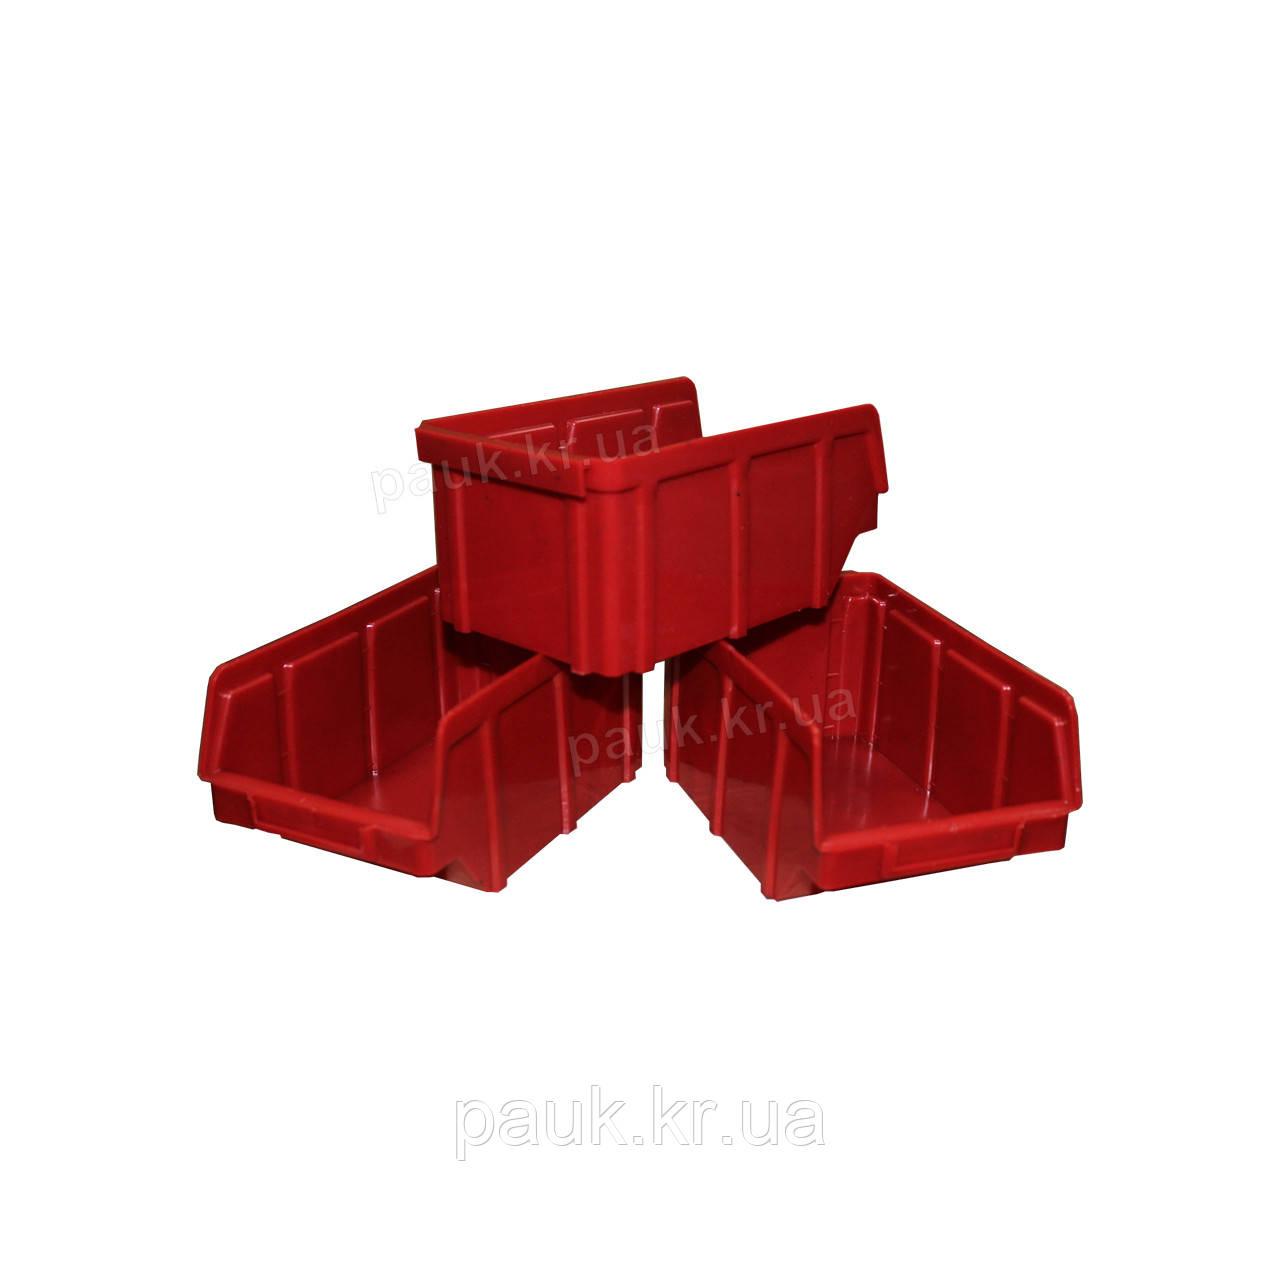 Ящик для метизів 702 для зберігання дрібних металовиробів, складський контейнер, з первинної сировини